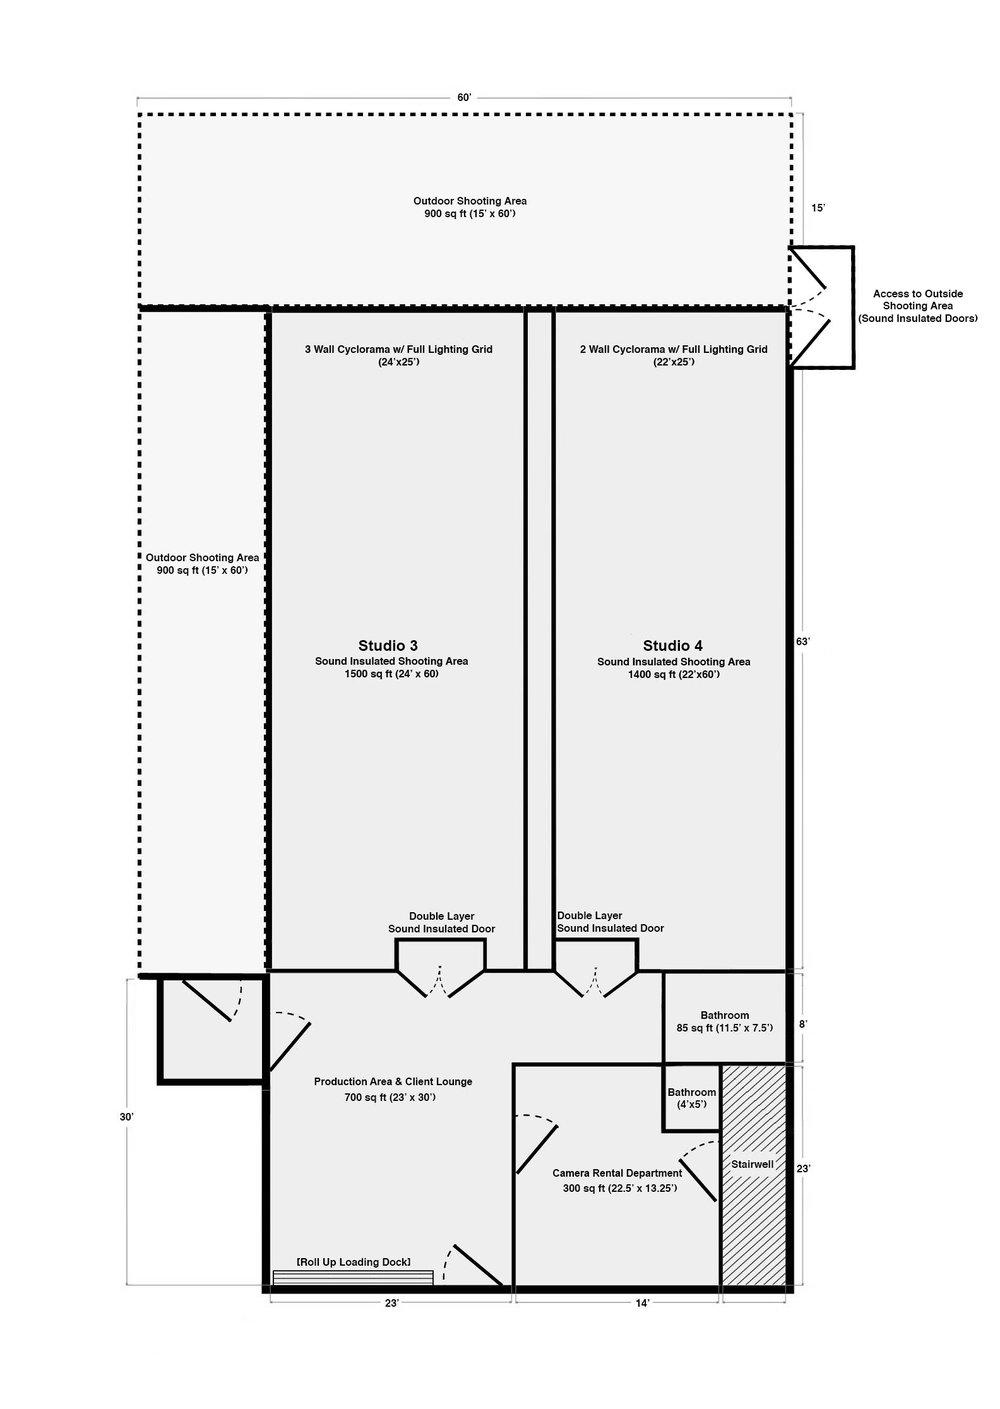 soundstage-studio-3-4-floor-plan-2.jpg